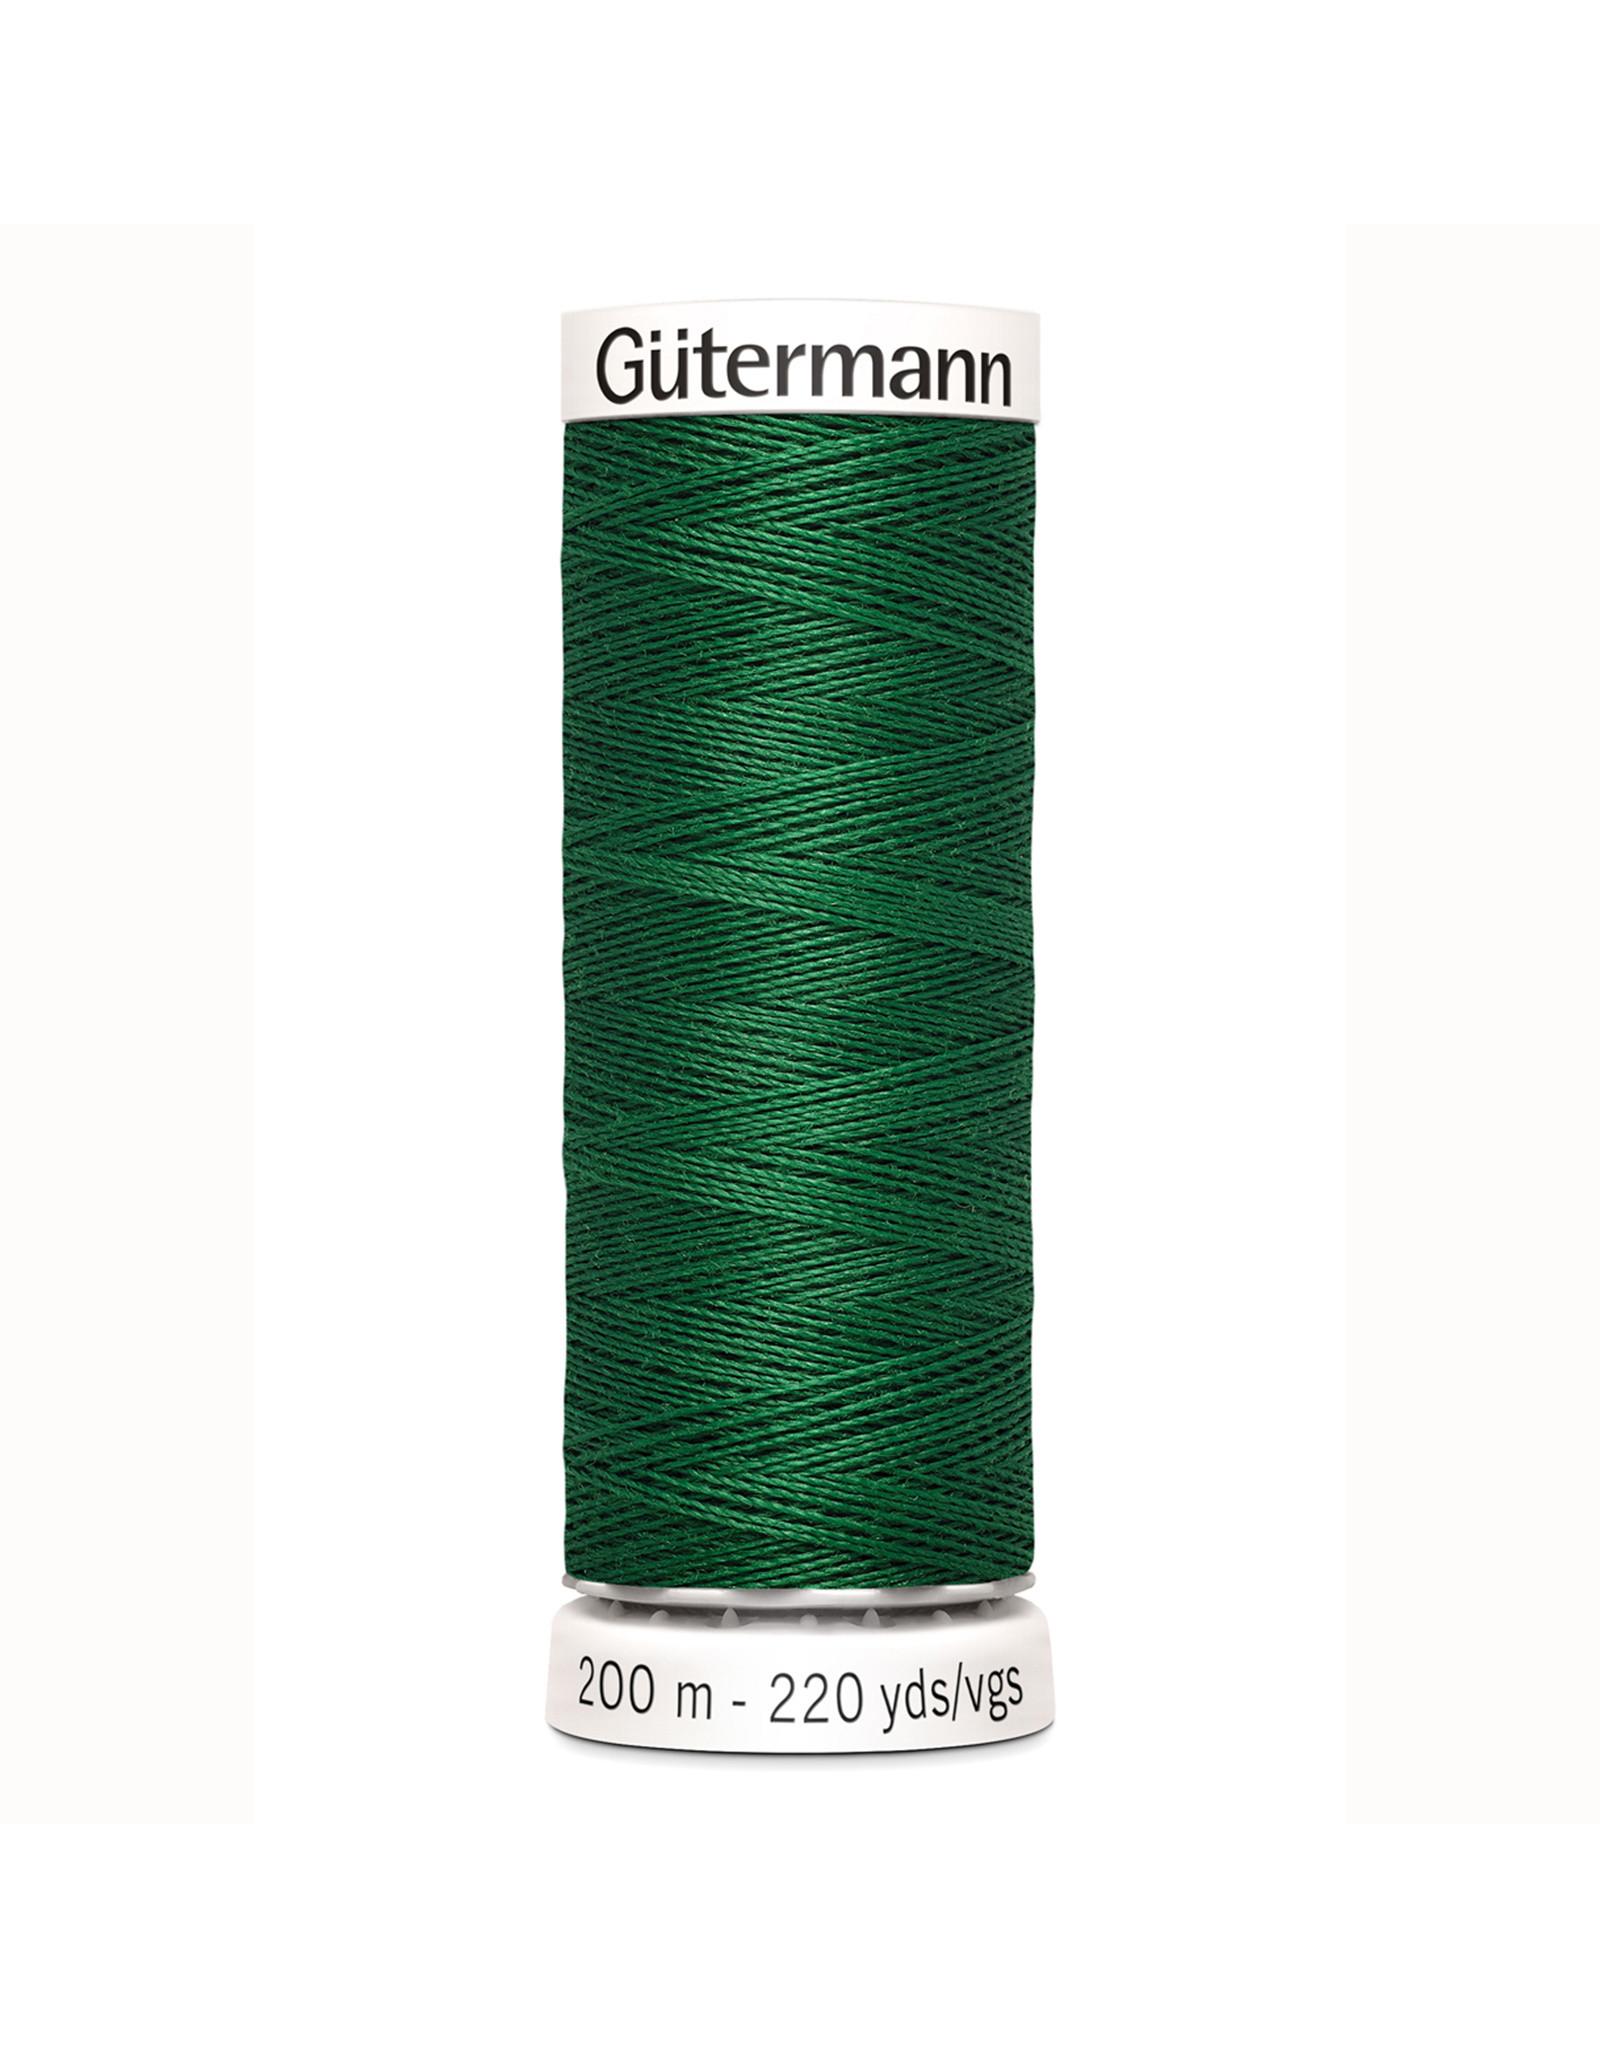 Gütermann Gütermann Nähgarn 200 m - nr 237